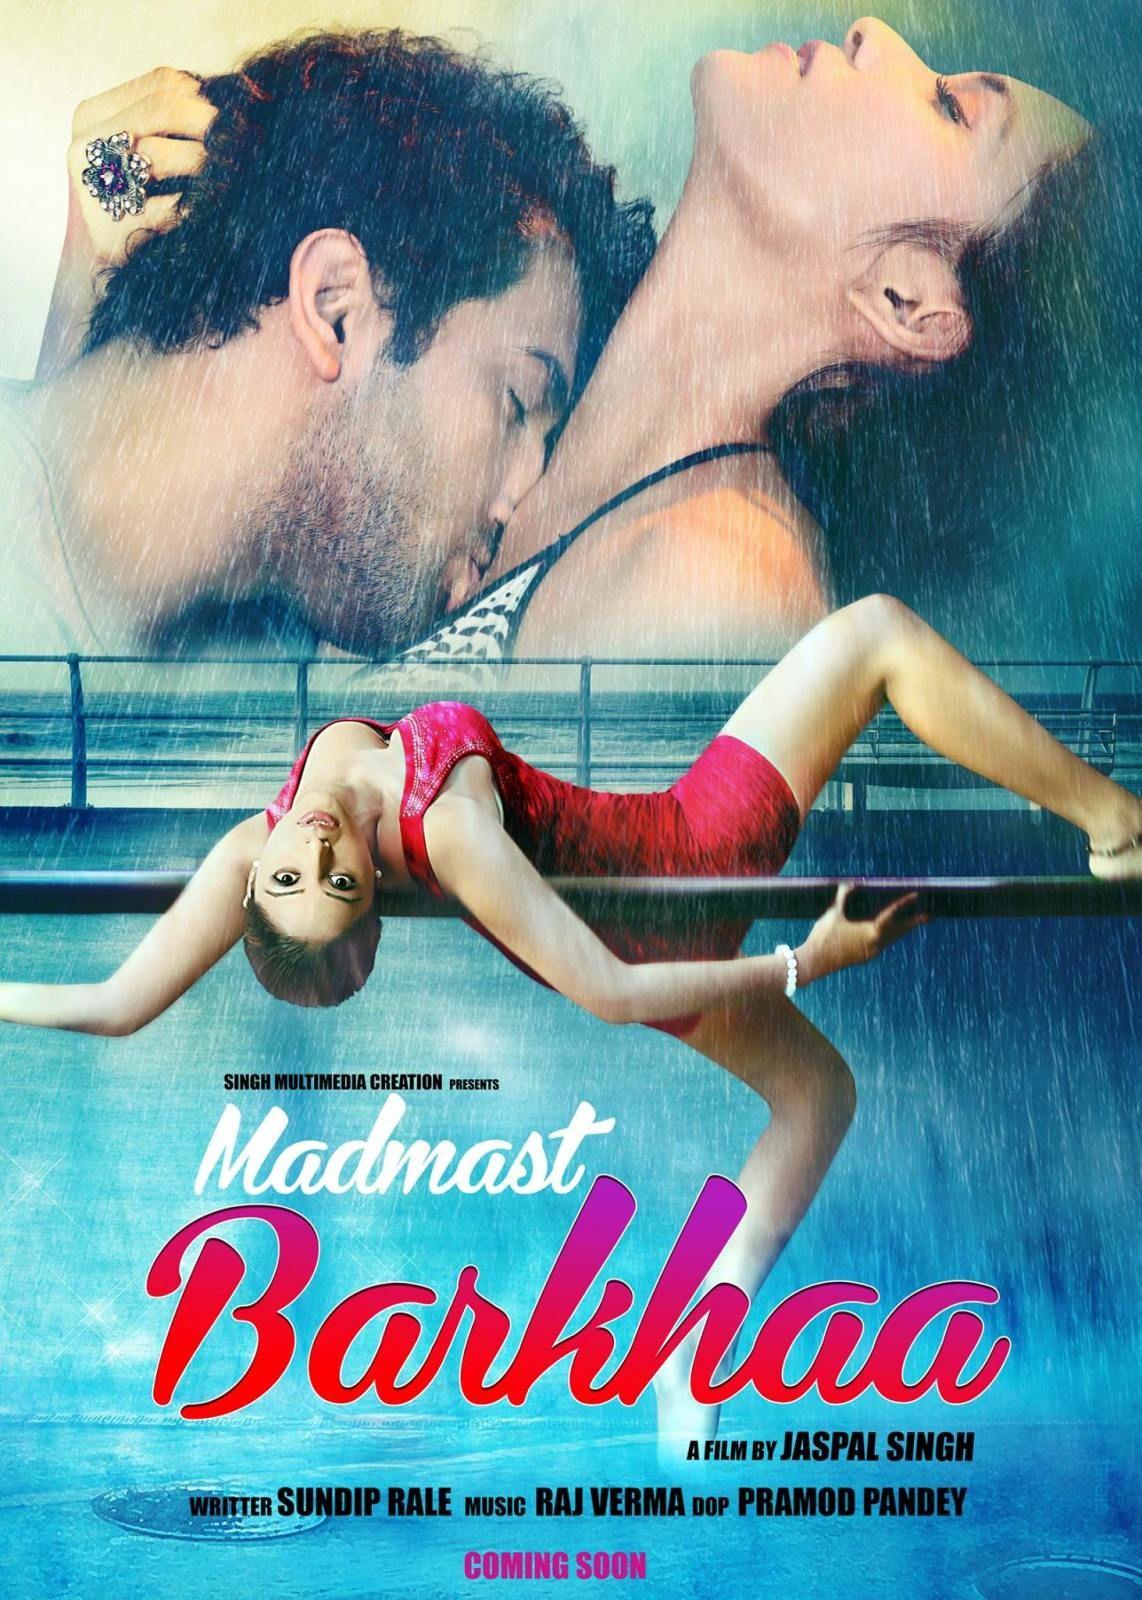 فيلم Madmast Barkhaa 2015 مترجم للكبار فقط